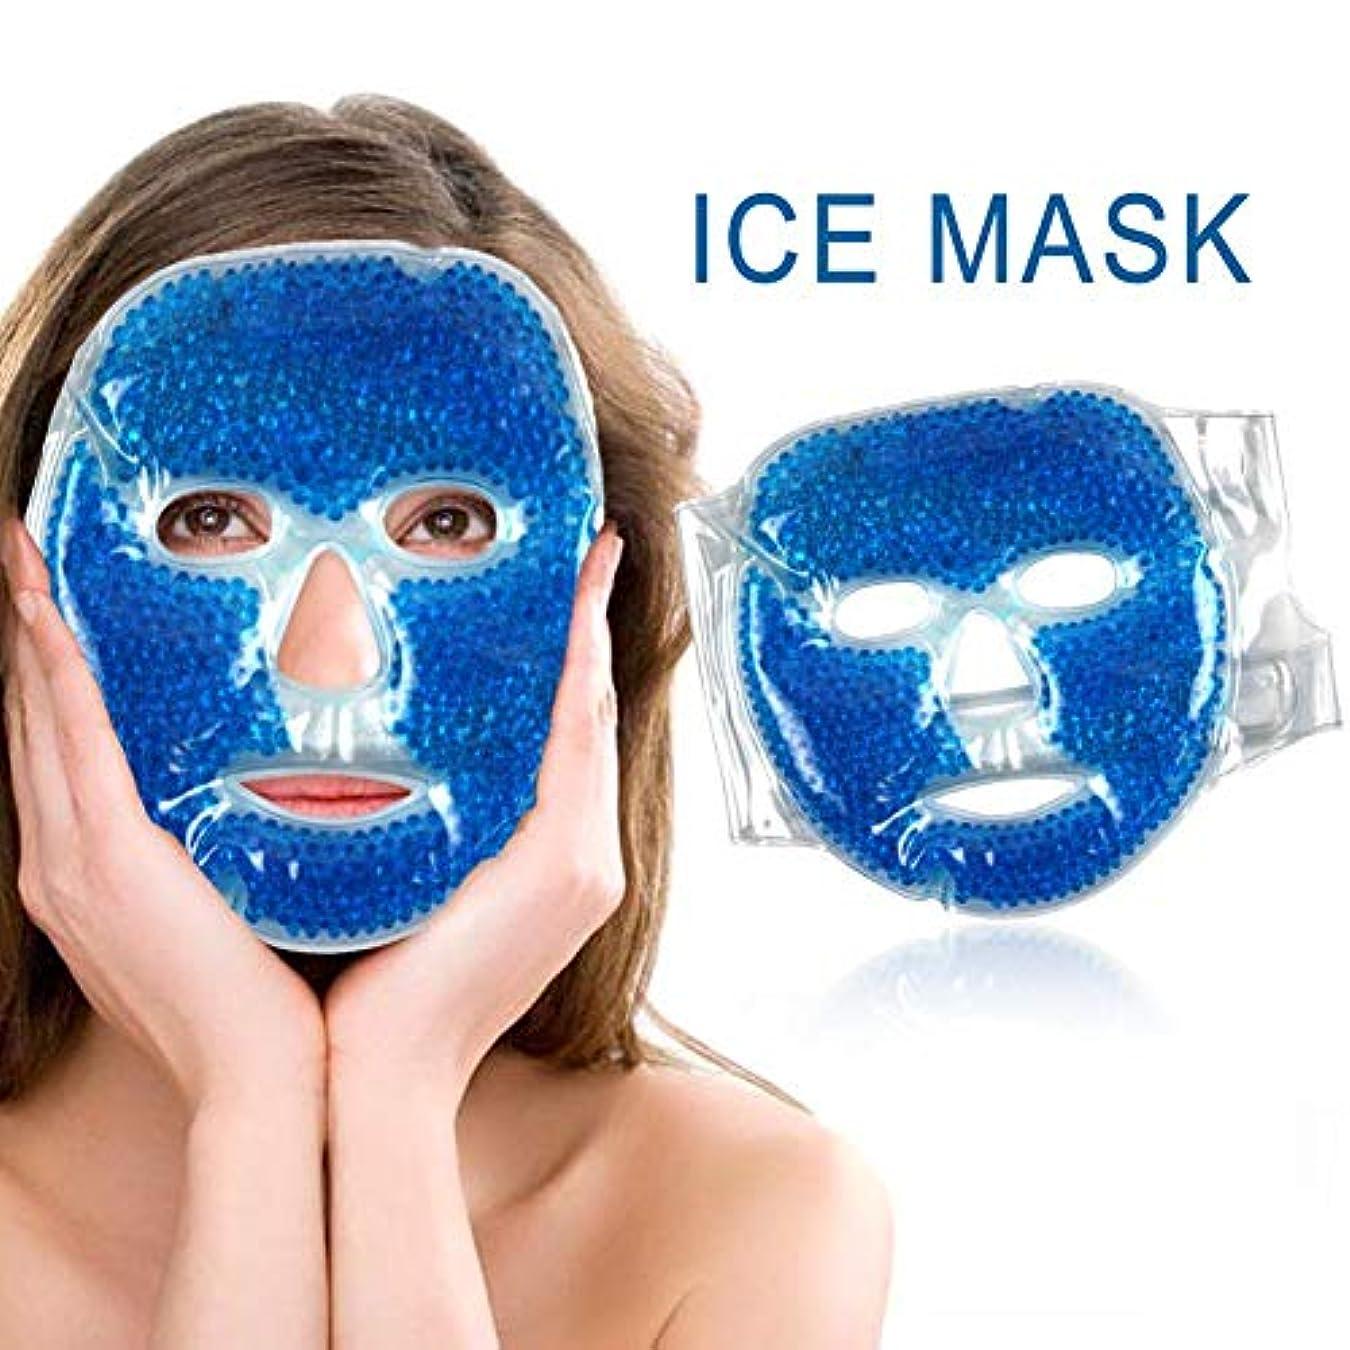 天窓多様性カストディアンSILUN フェイスマスク 冷温兼用 アイスマスク 美容用 再利用可能 毛細血管収縮 疲労緩和 肌ケア 保湿 吸収しやすい 美容マッサージ